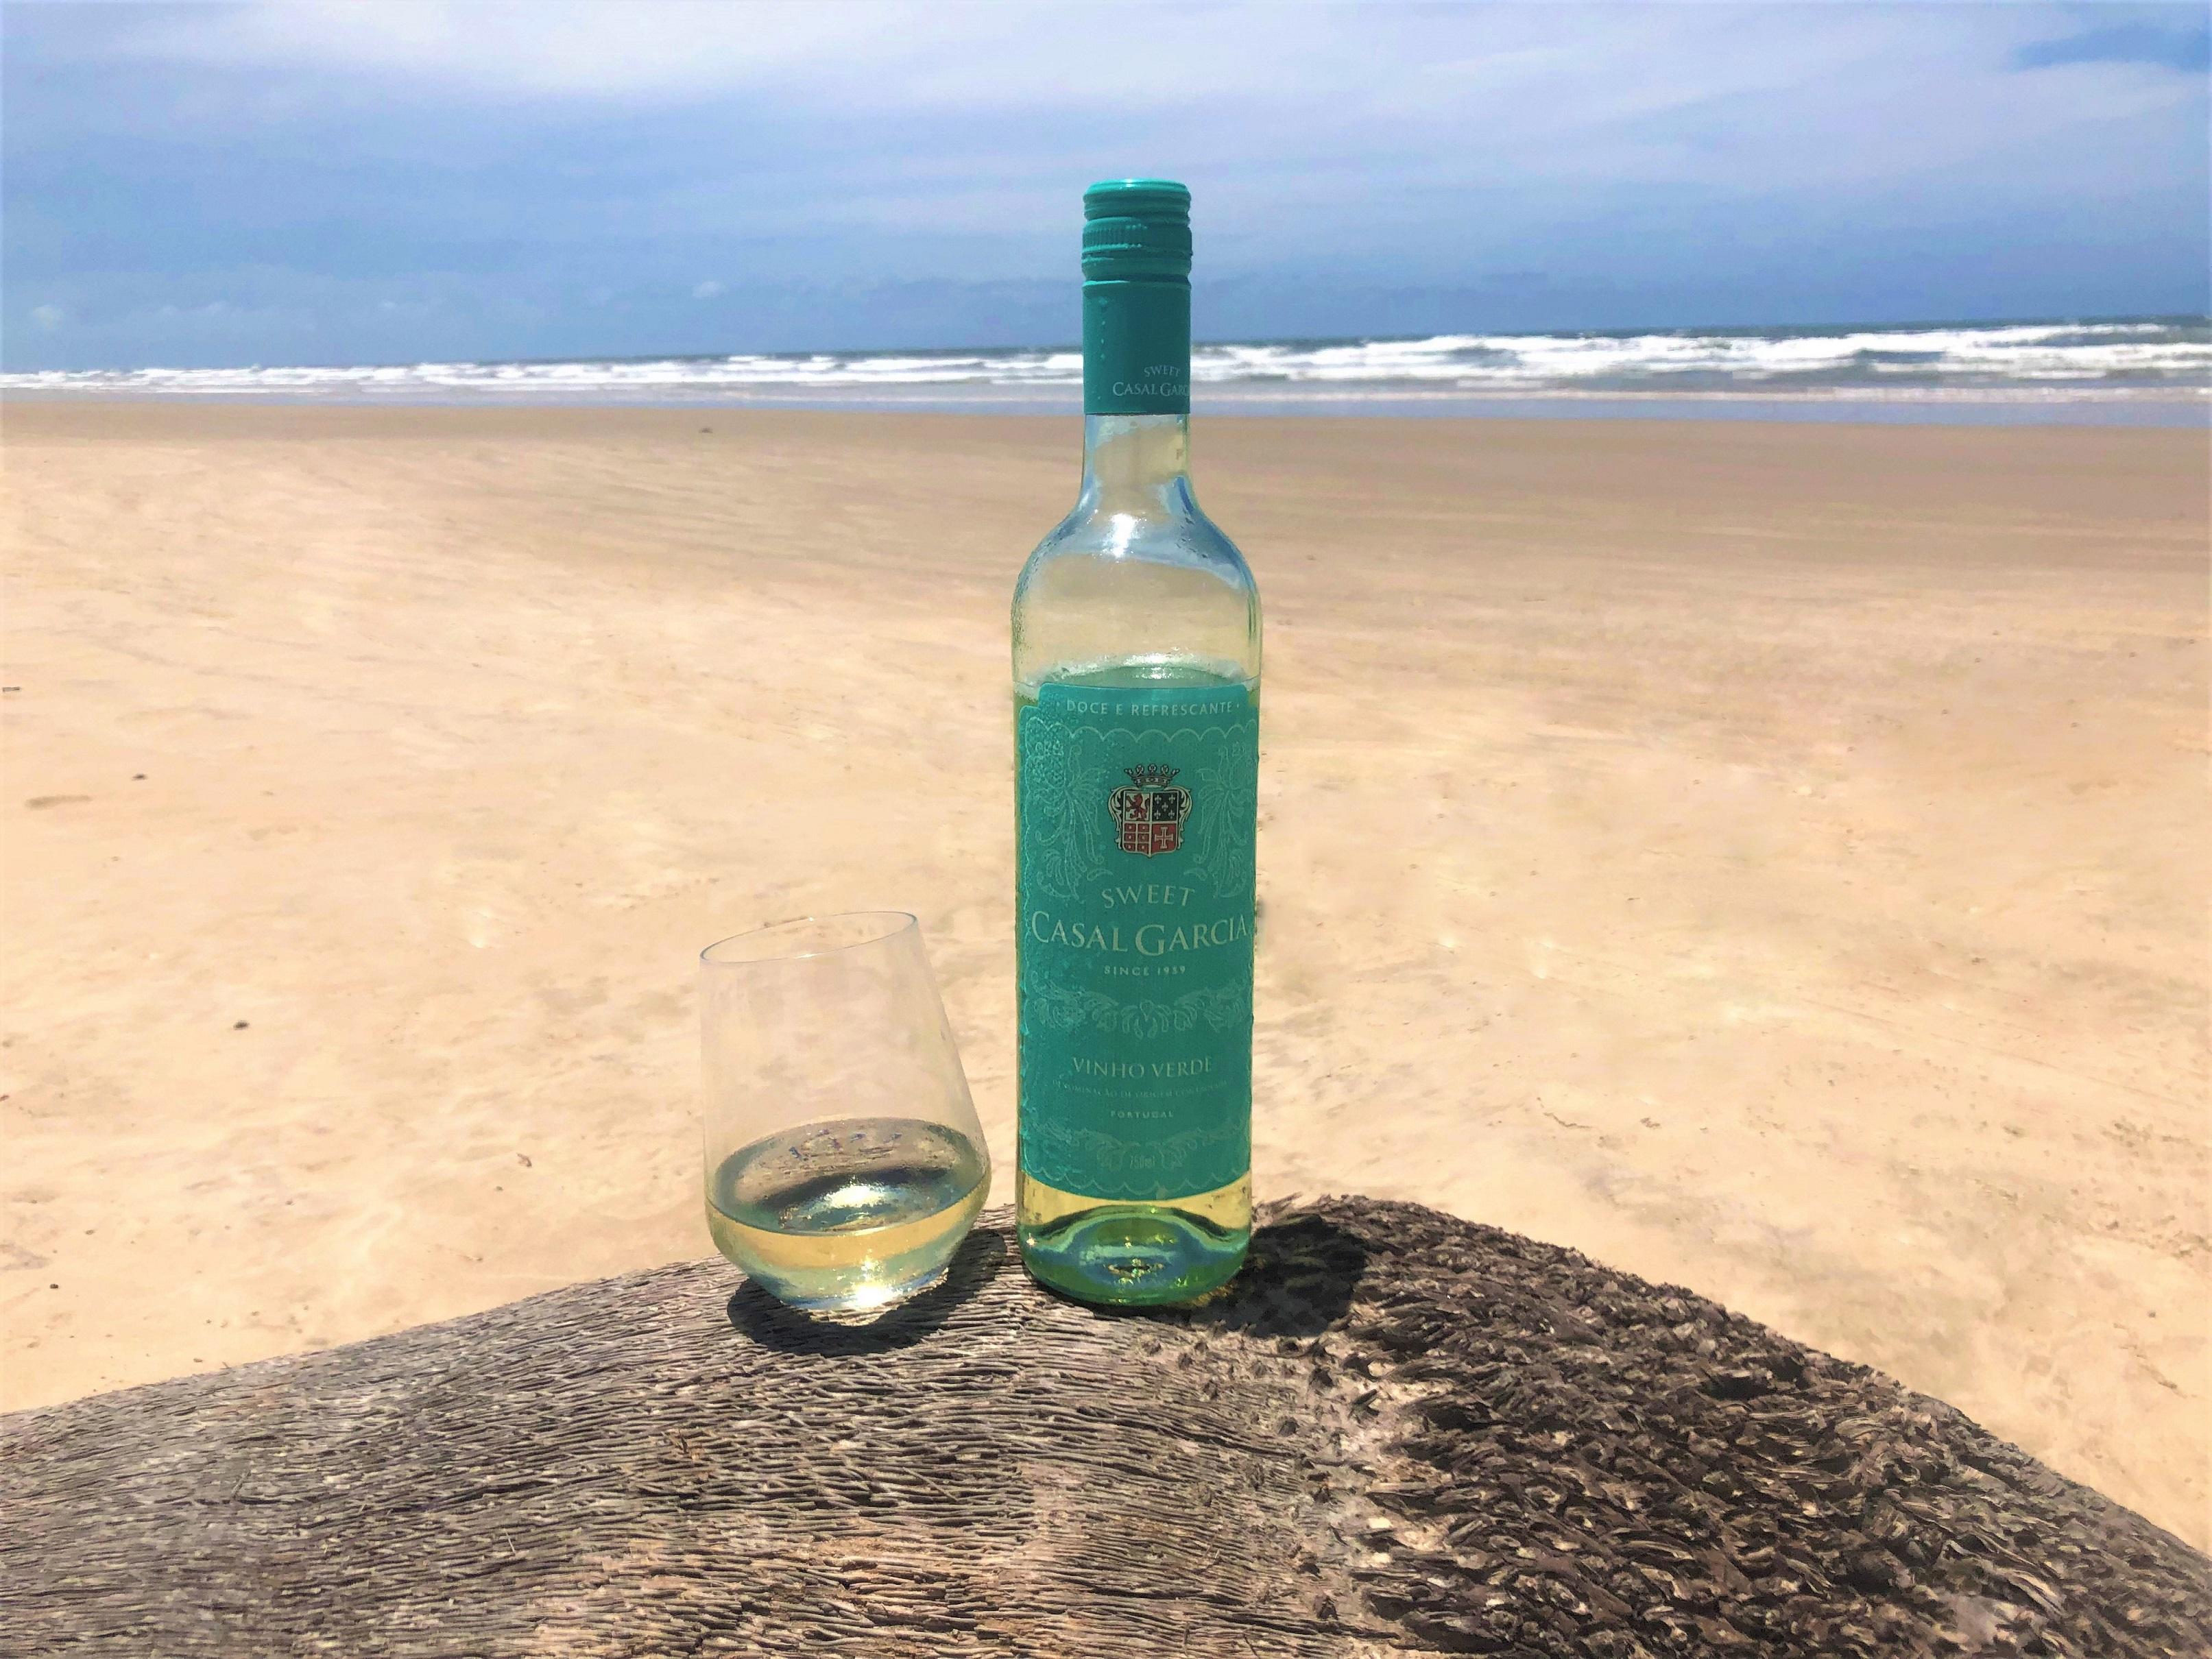 vinho verde Casal Garcial Sweet